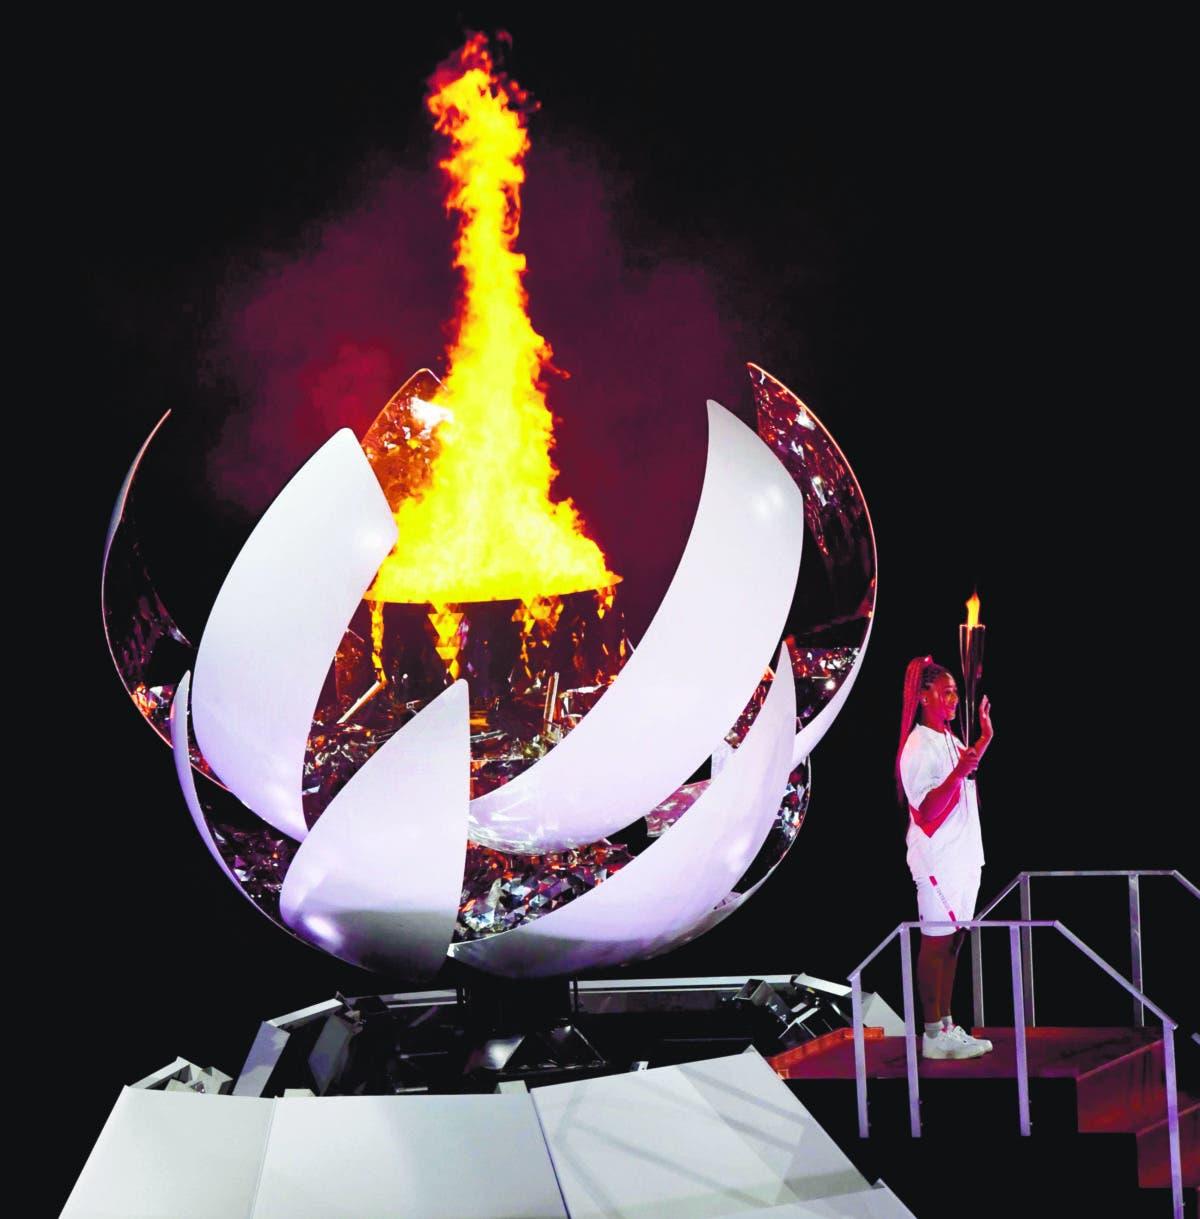 Diario Con los Juegos Olímpicos: Beatriz Pirón, Llegó segundo en grupo B en Pesas